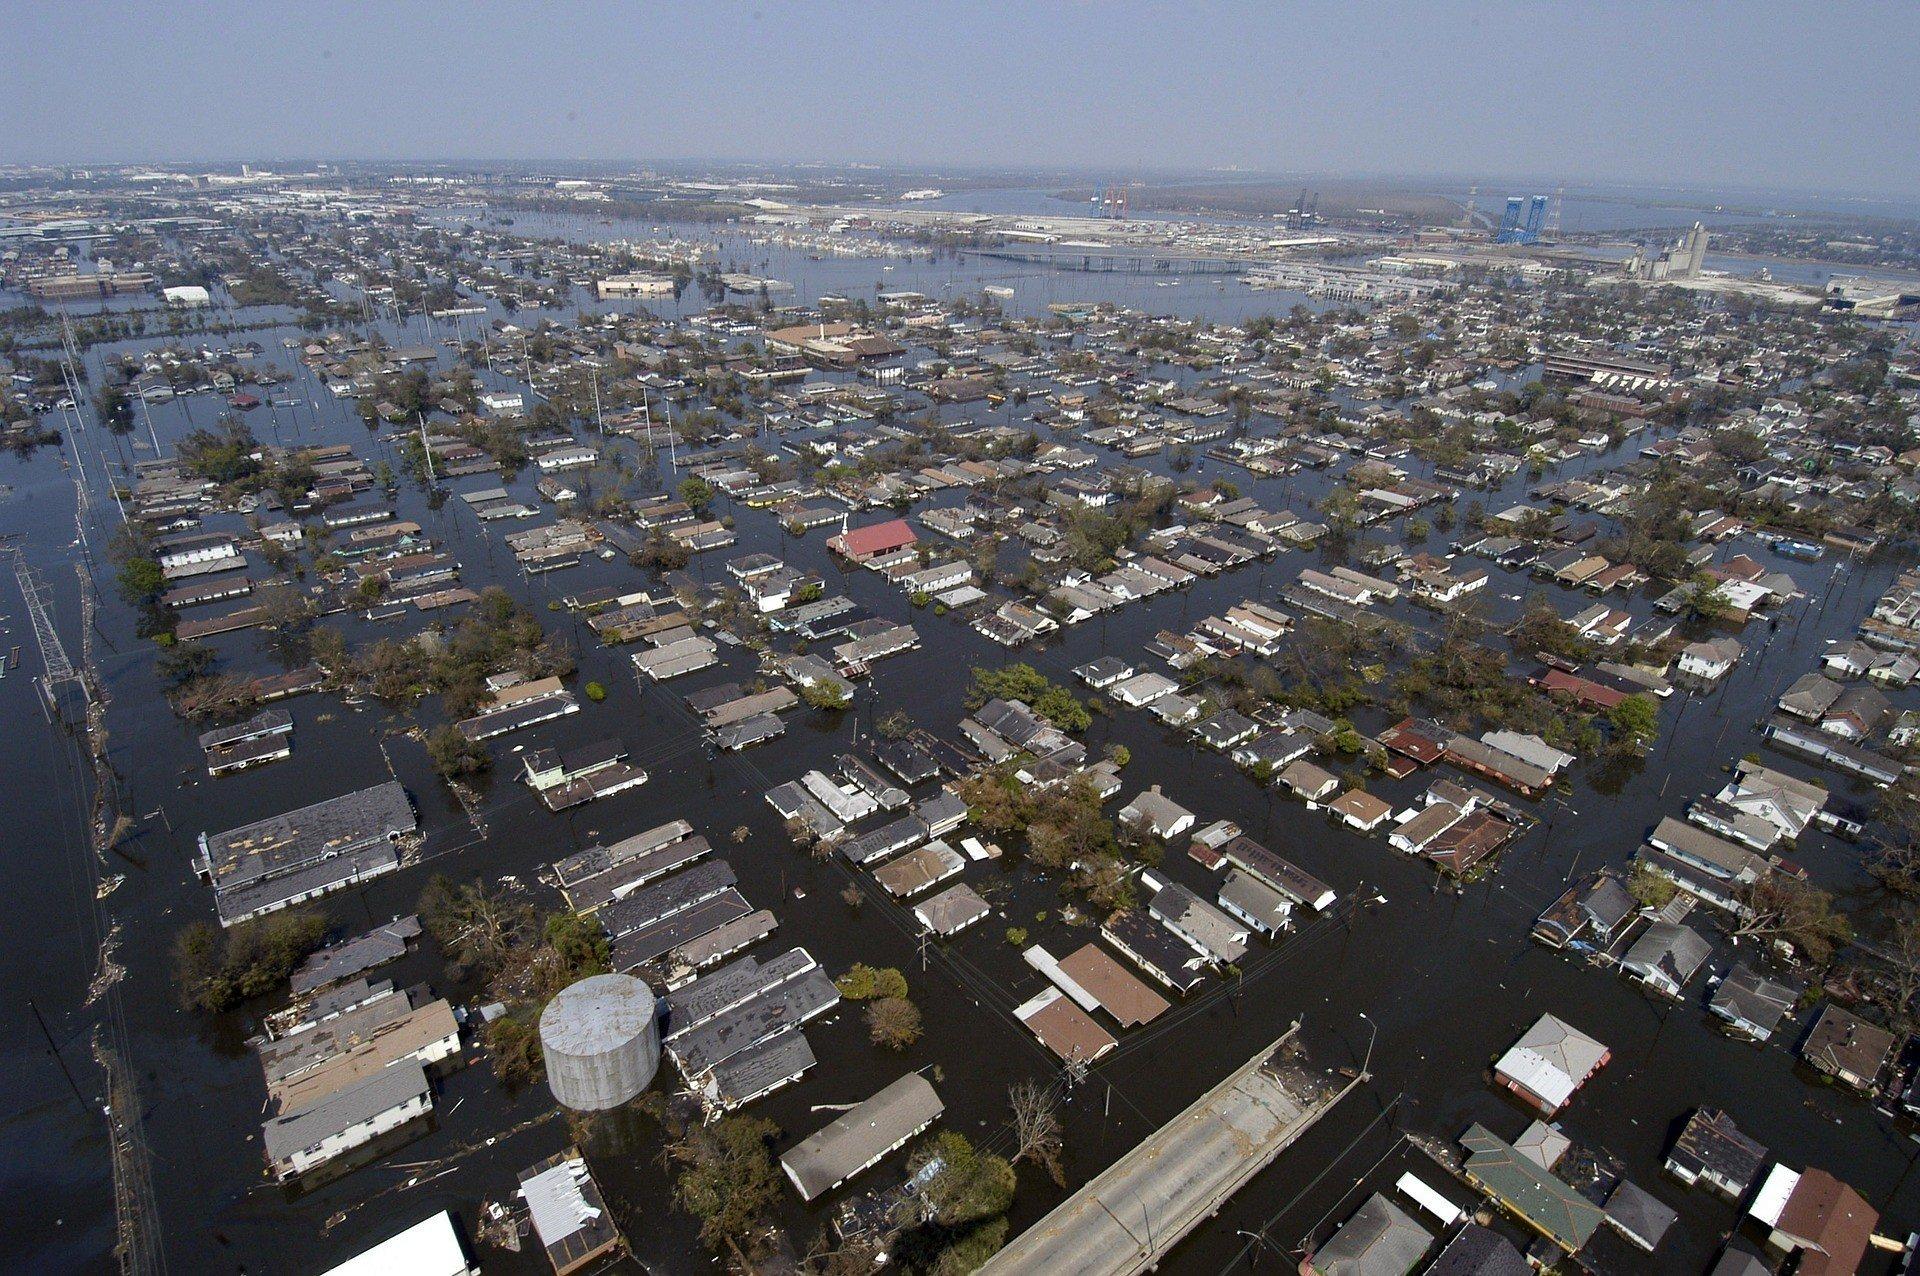 Ущерб от наводнений катастрофически возрастет